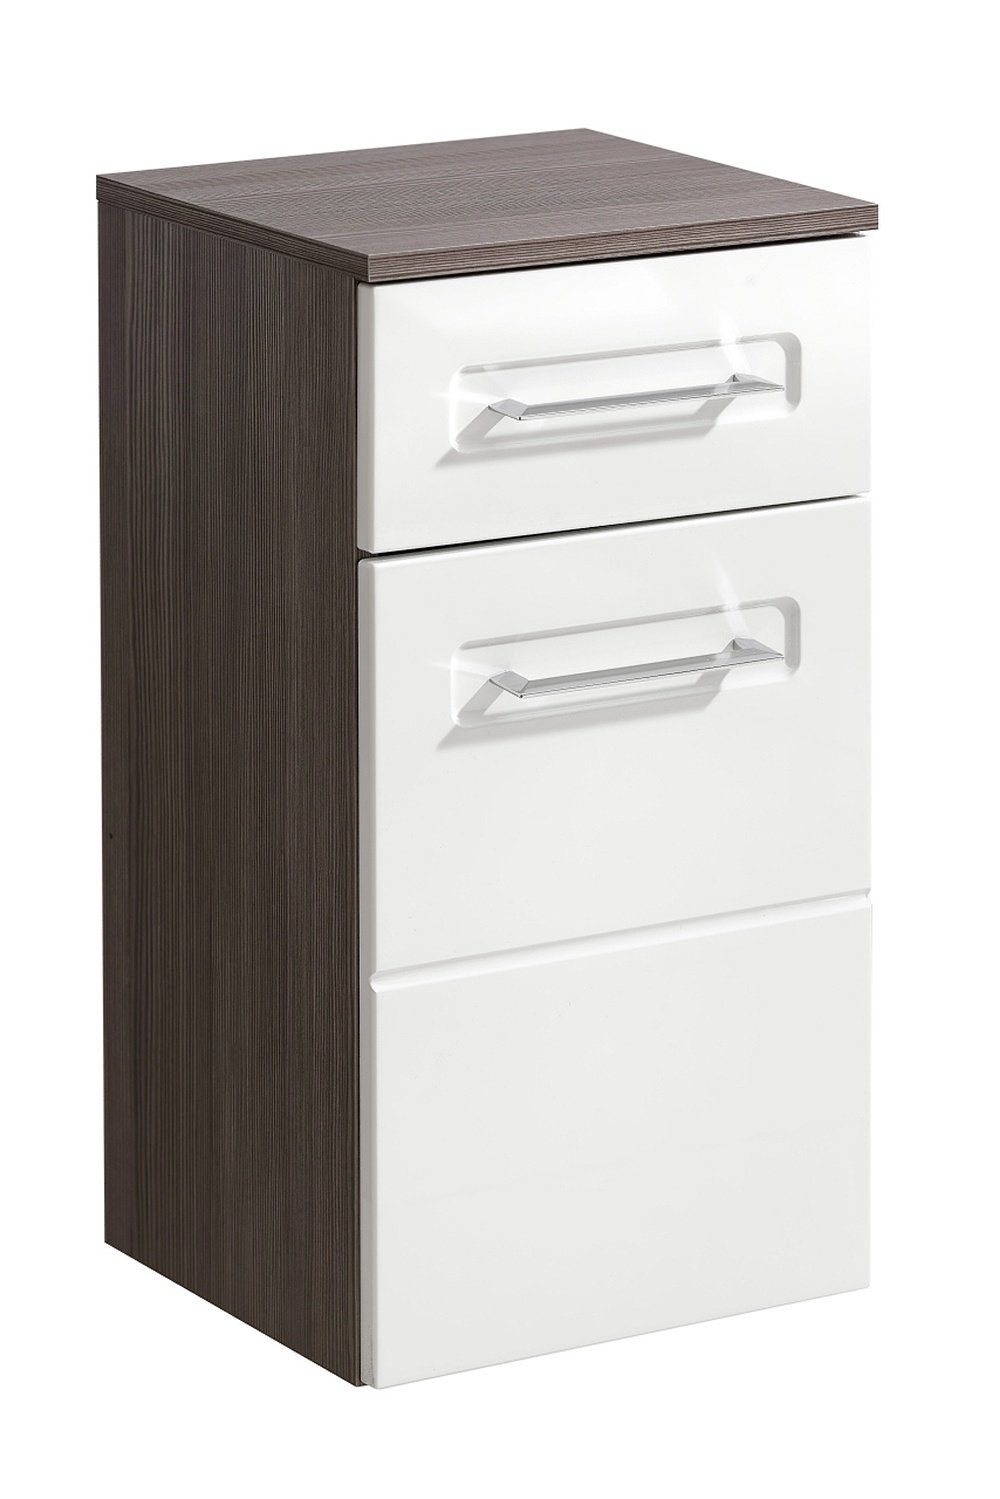 Cosmo 2 Badmöbel Set / Komplettbad 6 Teilig In Weiß Hochglanz / Avola  Dekor, Waschtisch 80 Cm, LED Beleuchtung: Amazon.de: Küche U0026 Haushalt